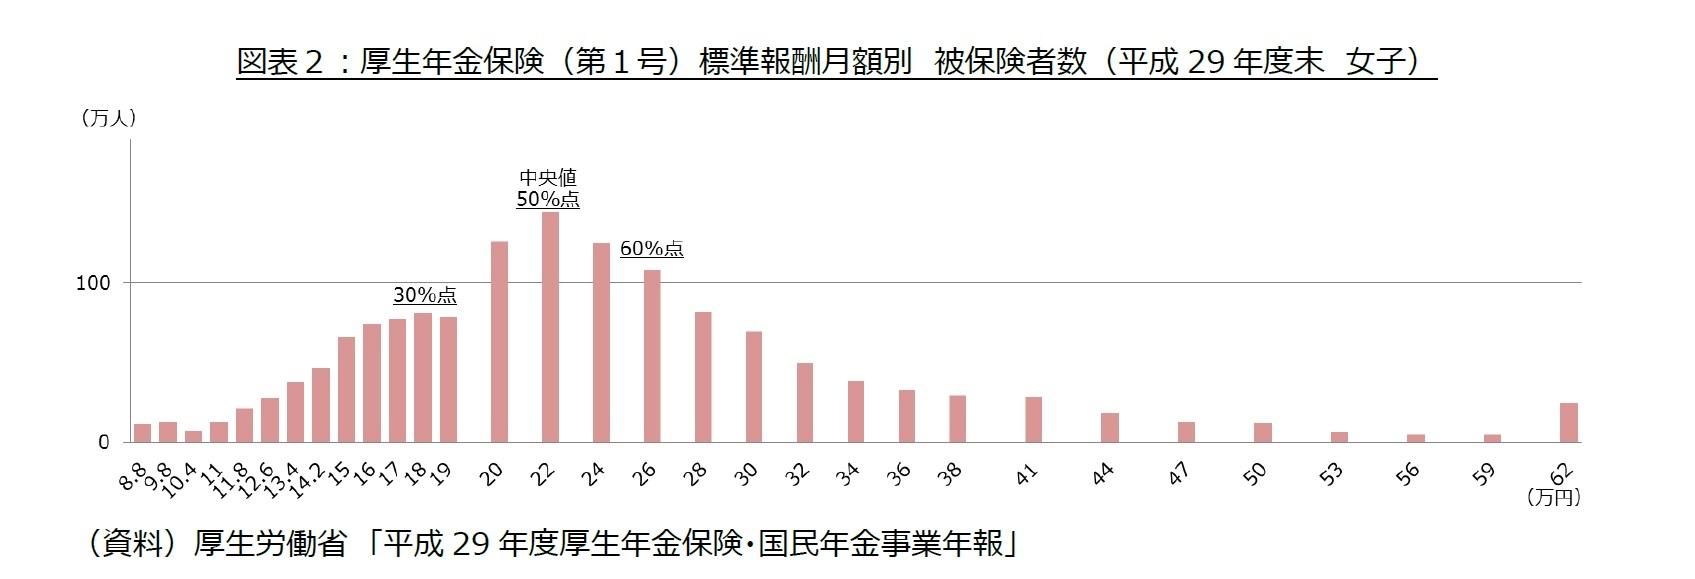 図表2:厚生年金保険(第1号)標準報酬月額別 被保険者数(平成29年度末 女子)